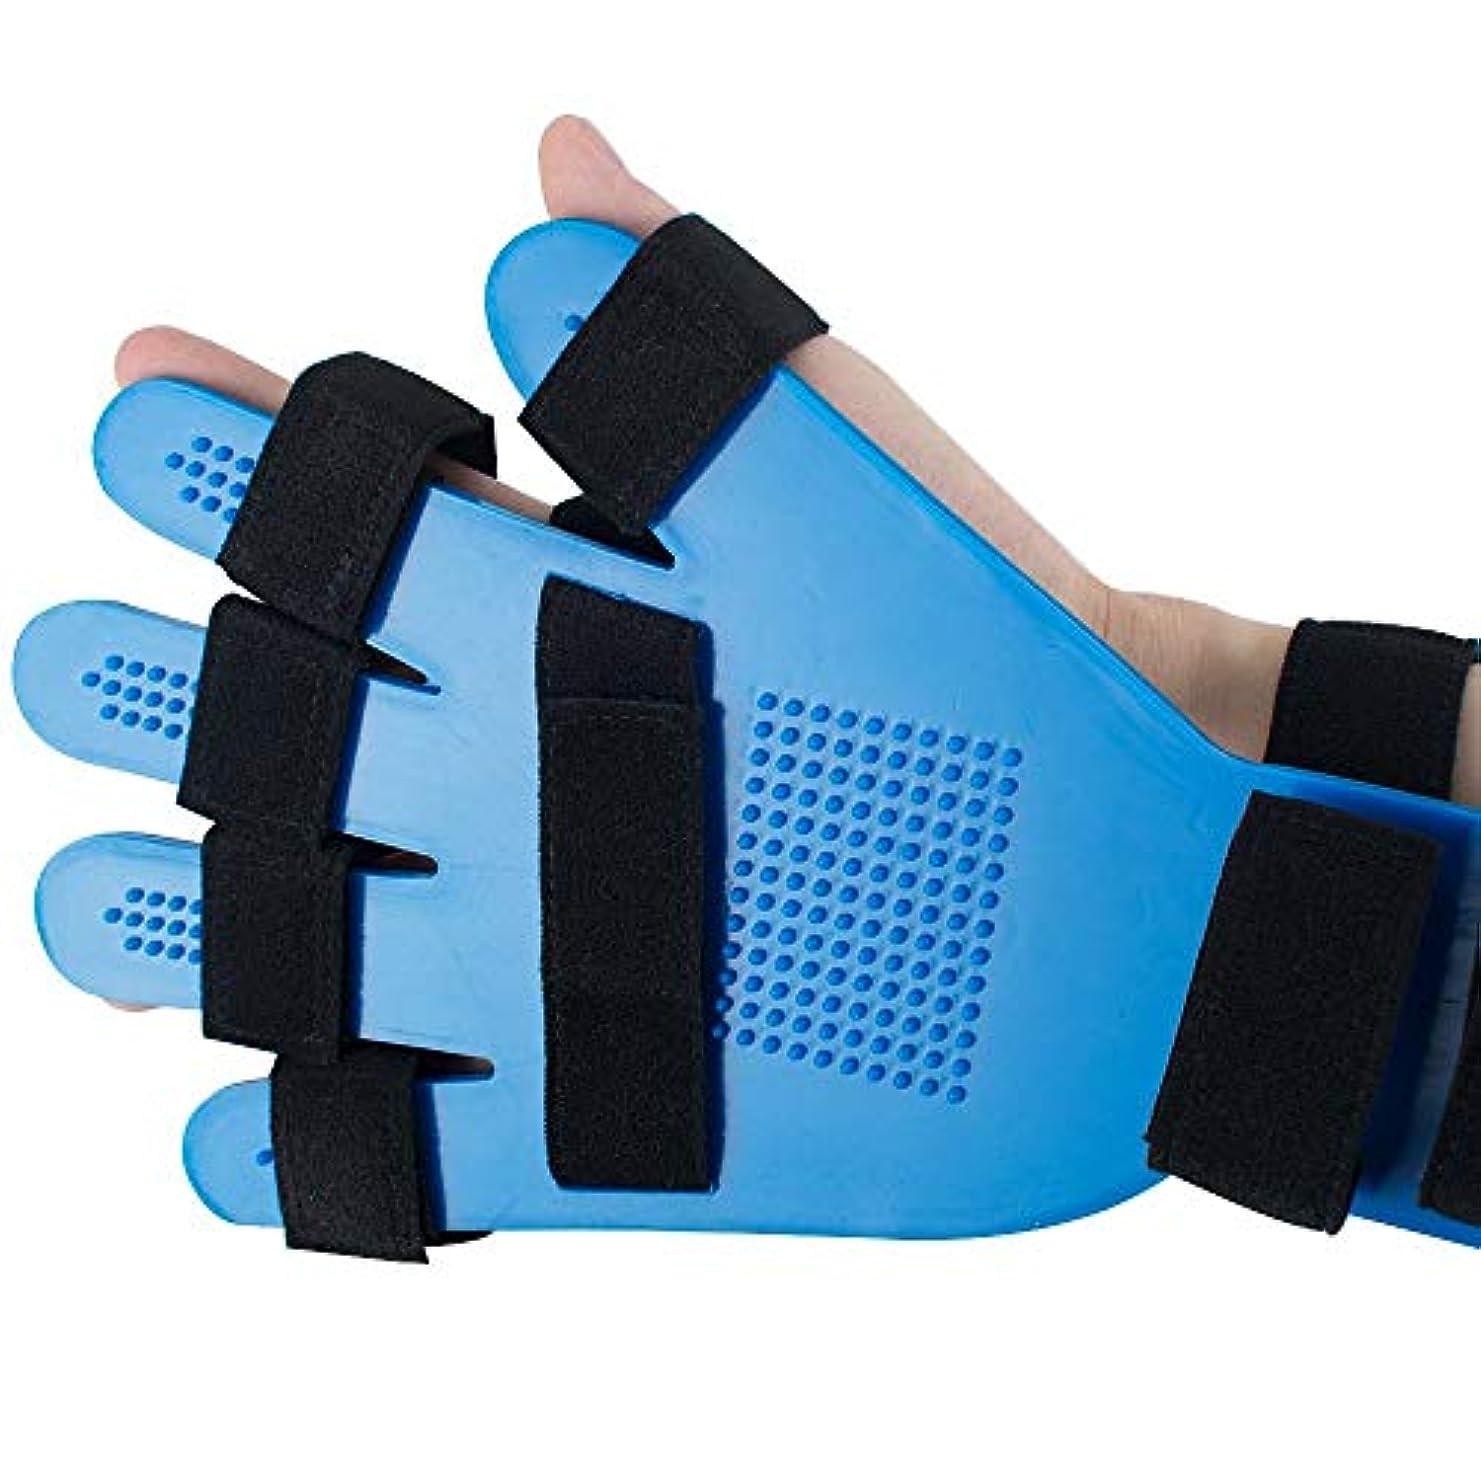 小売身元出費指の添え木、指板指の分離器矯正具、ポイント手首手首訓練装具装具サポート右左男性女性